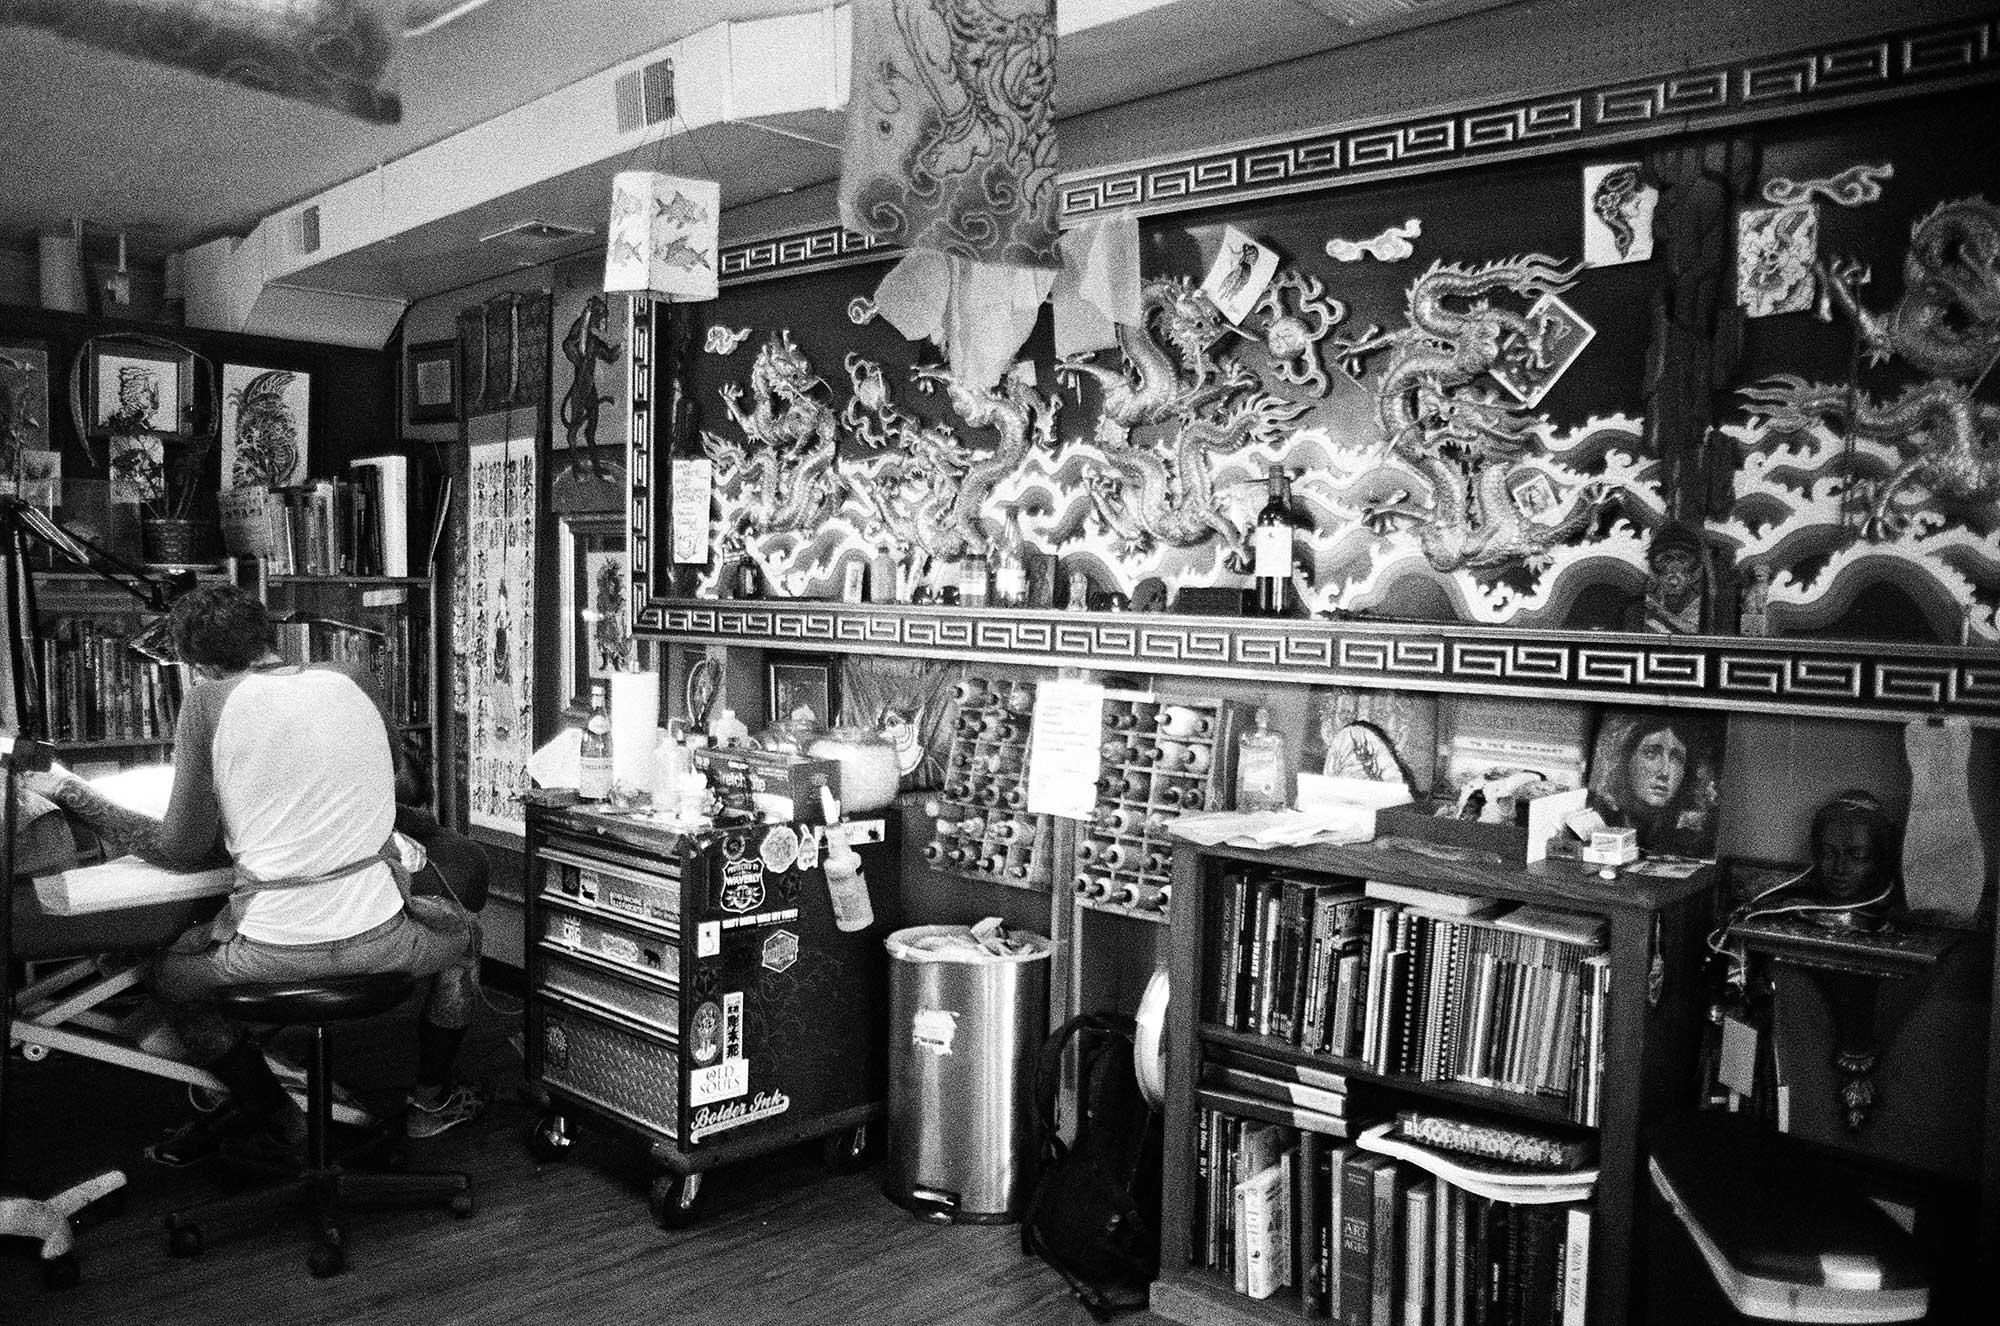 scrimshaw-tattoo-shop-interior.jpg